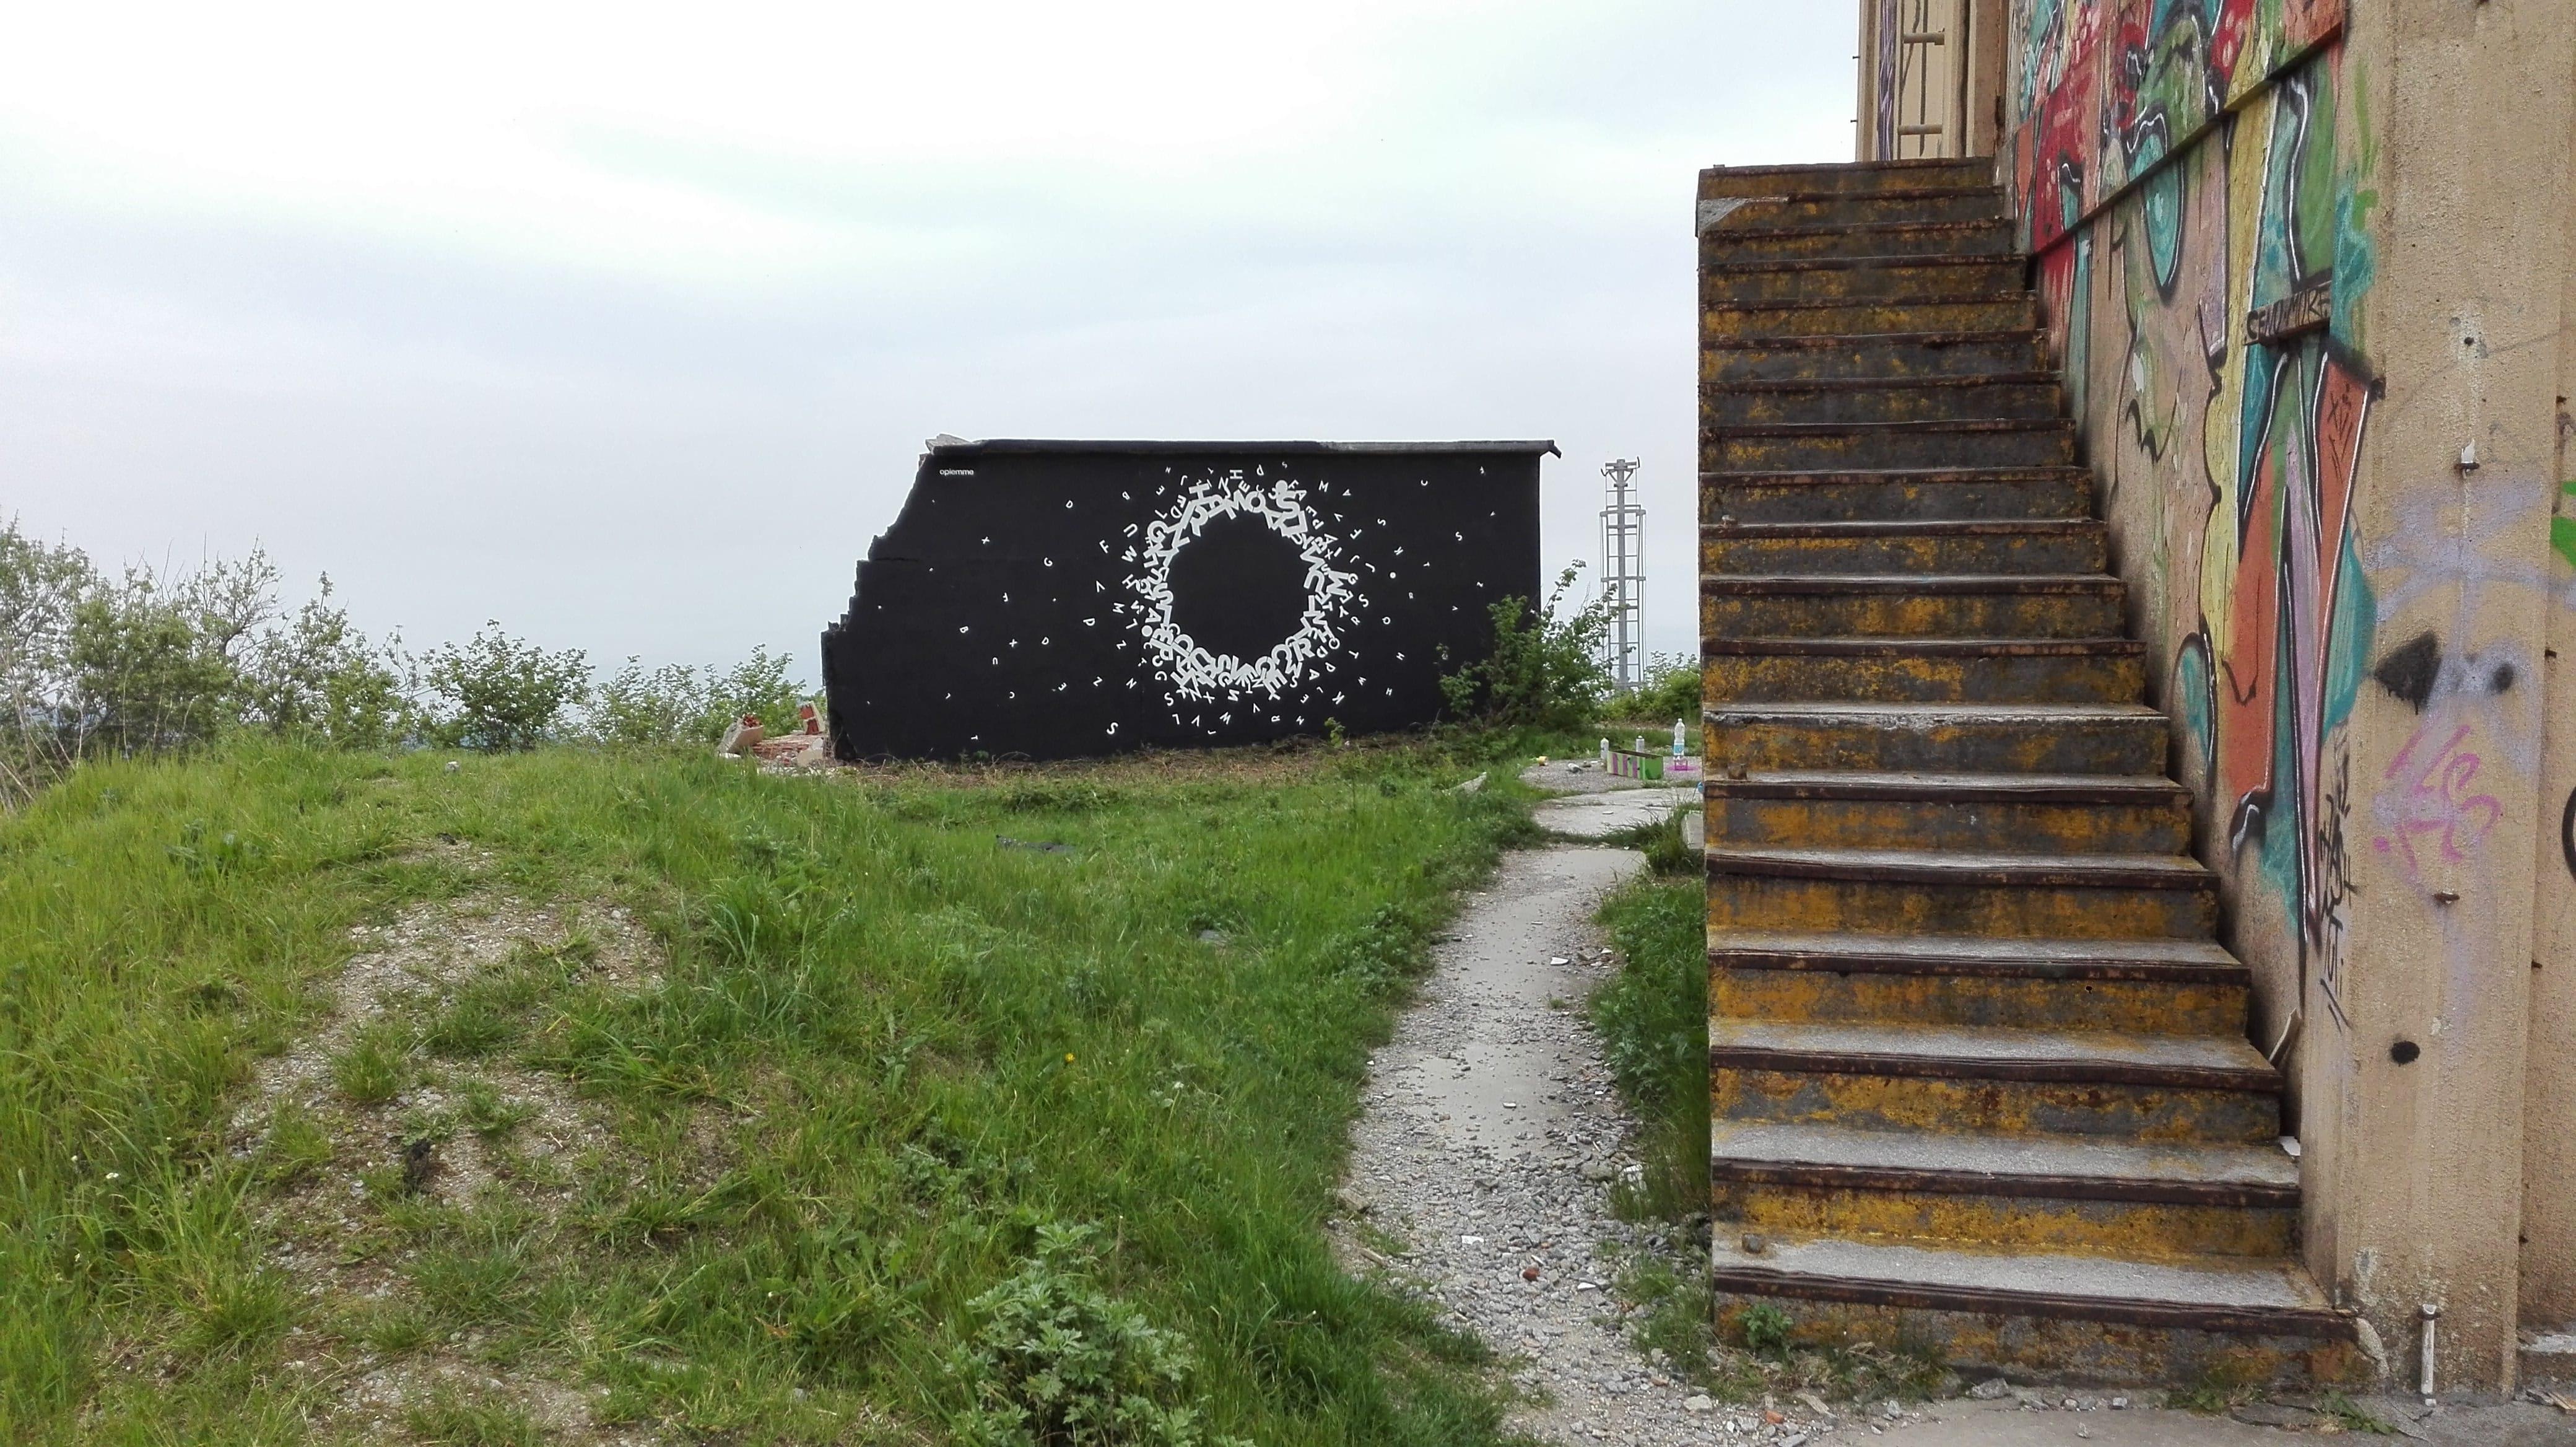 Opiemme, Circle, Pian dei Corsi, Finale Ligure Calice Ligure, 2017